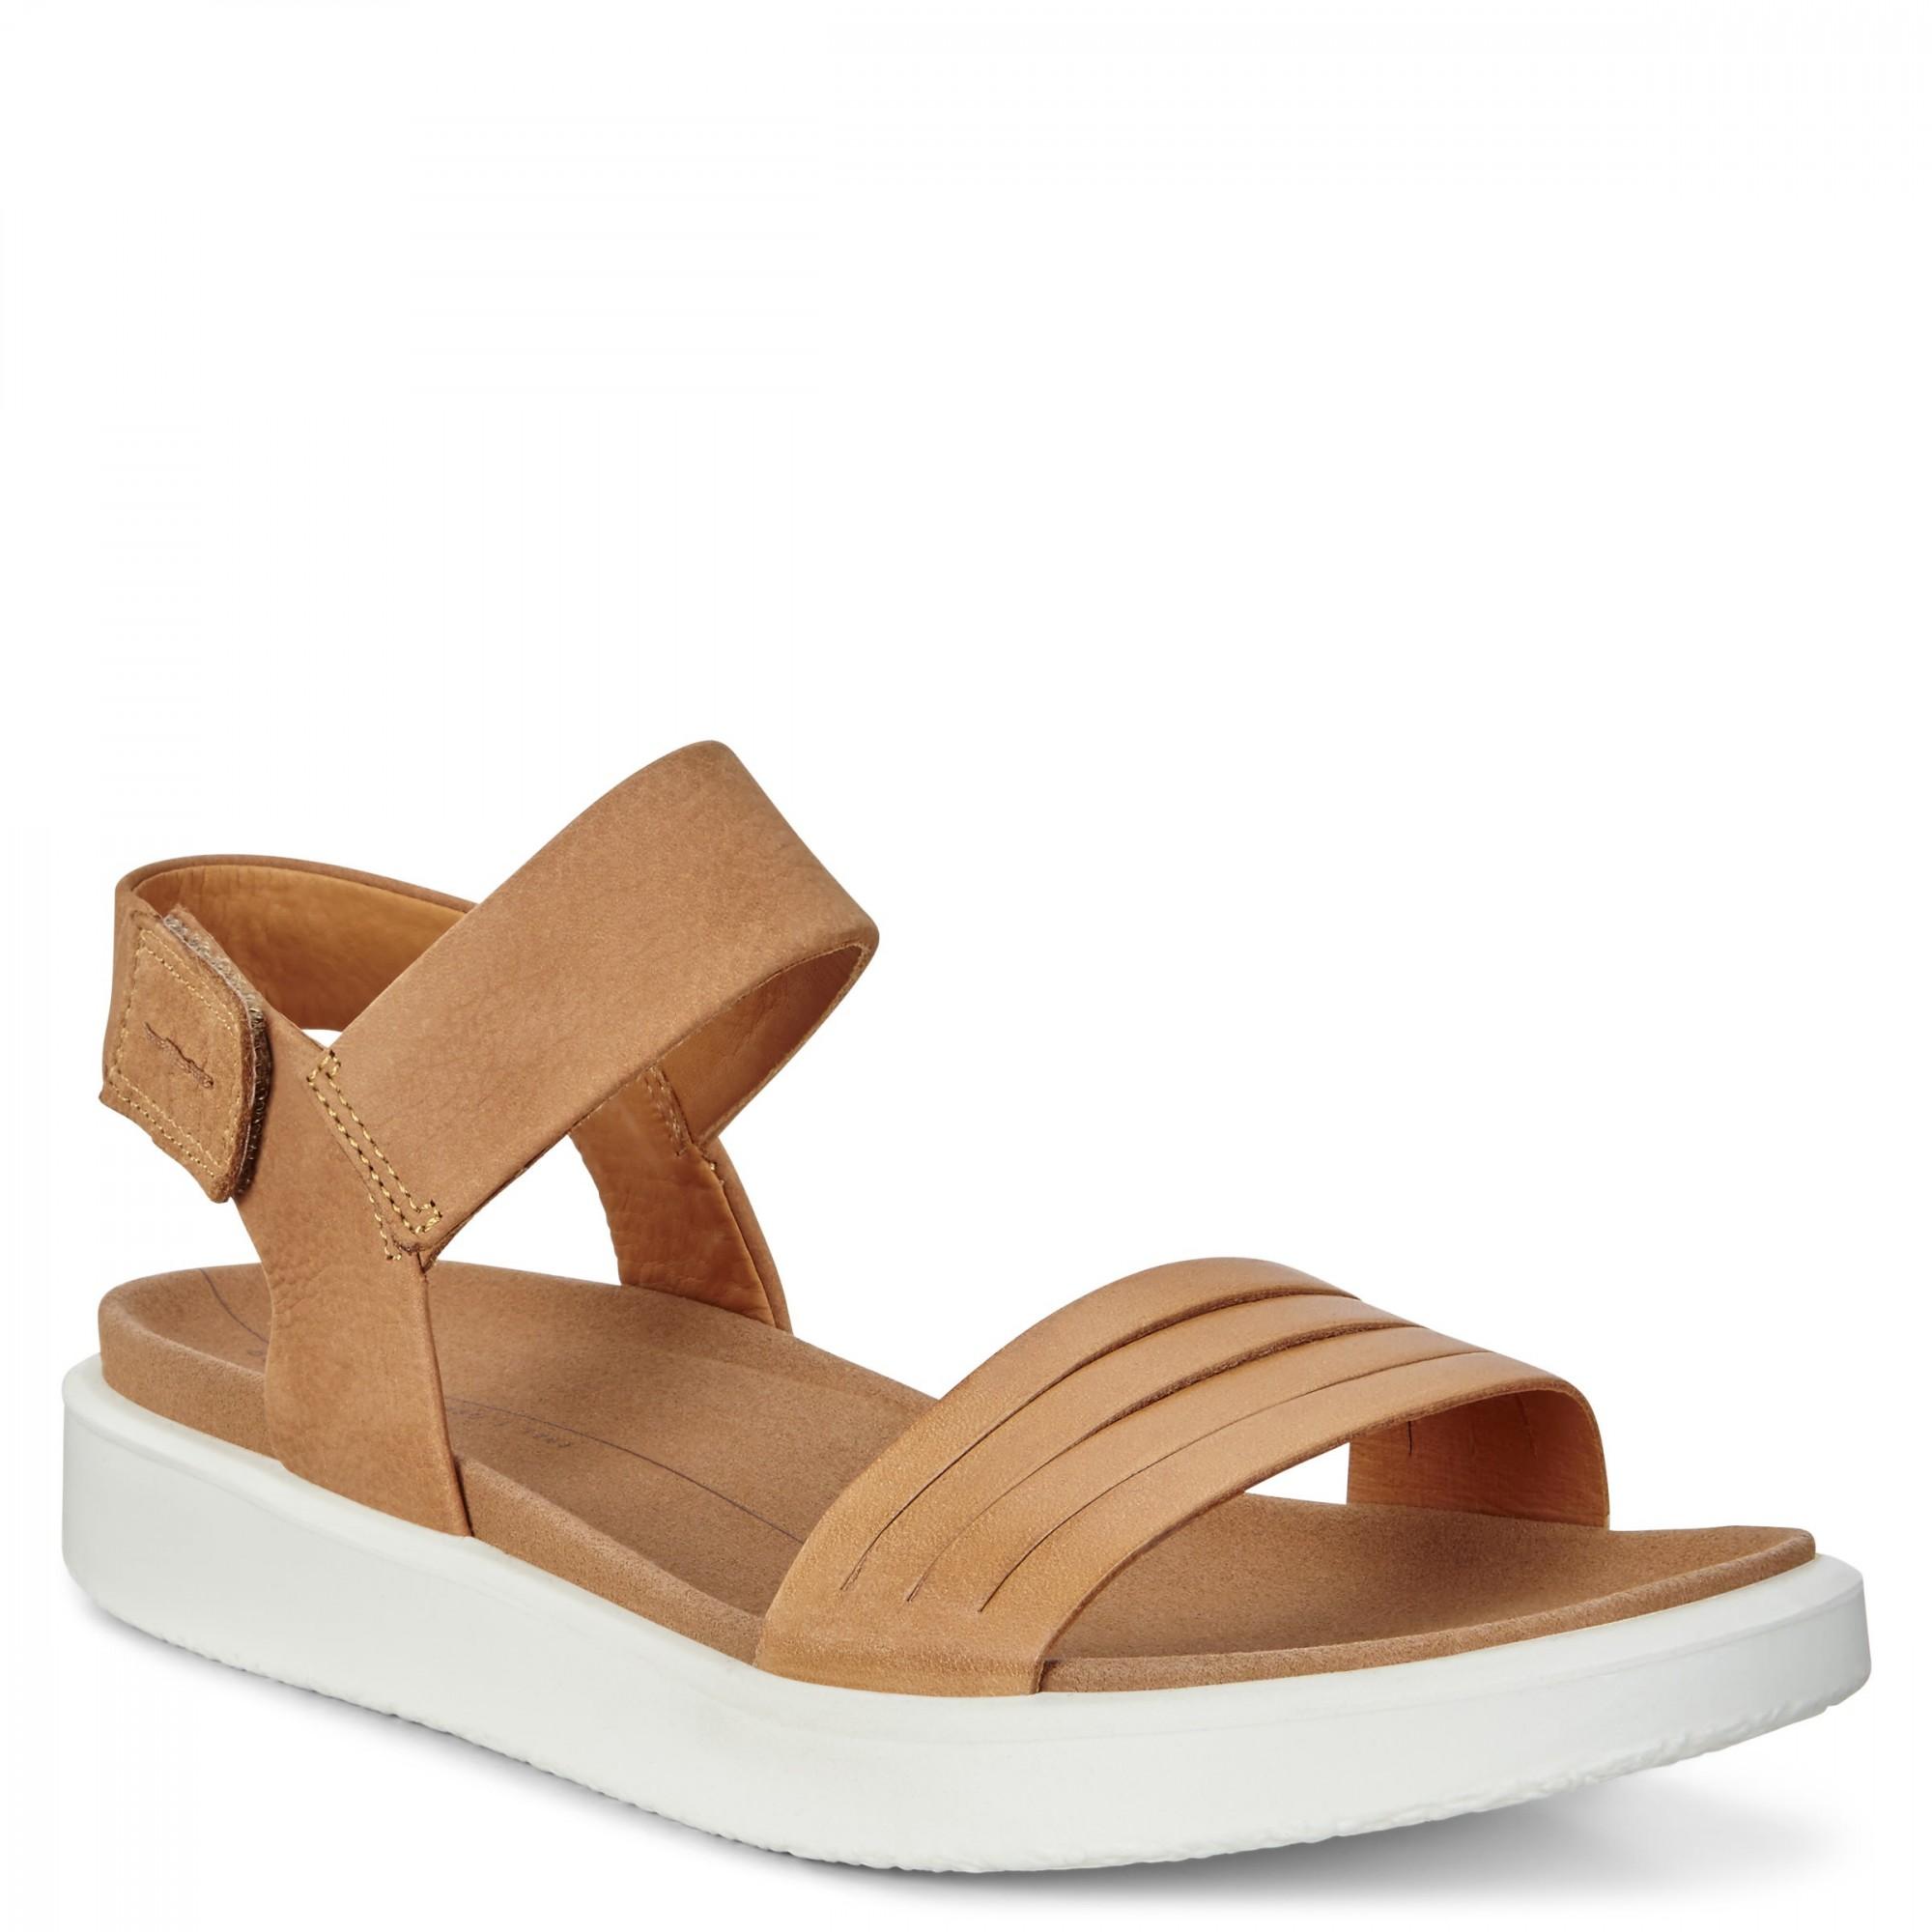 fdf542f17dc ECCO scarpe, ECCO Schuhe, ECCO shoes, scarpe ECCO, ECCO golf, ECCO ...